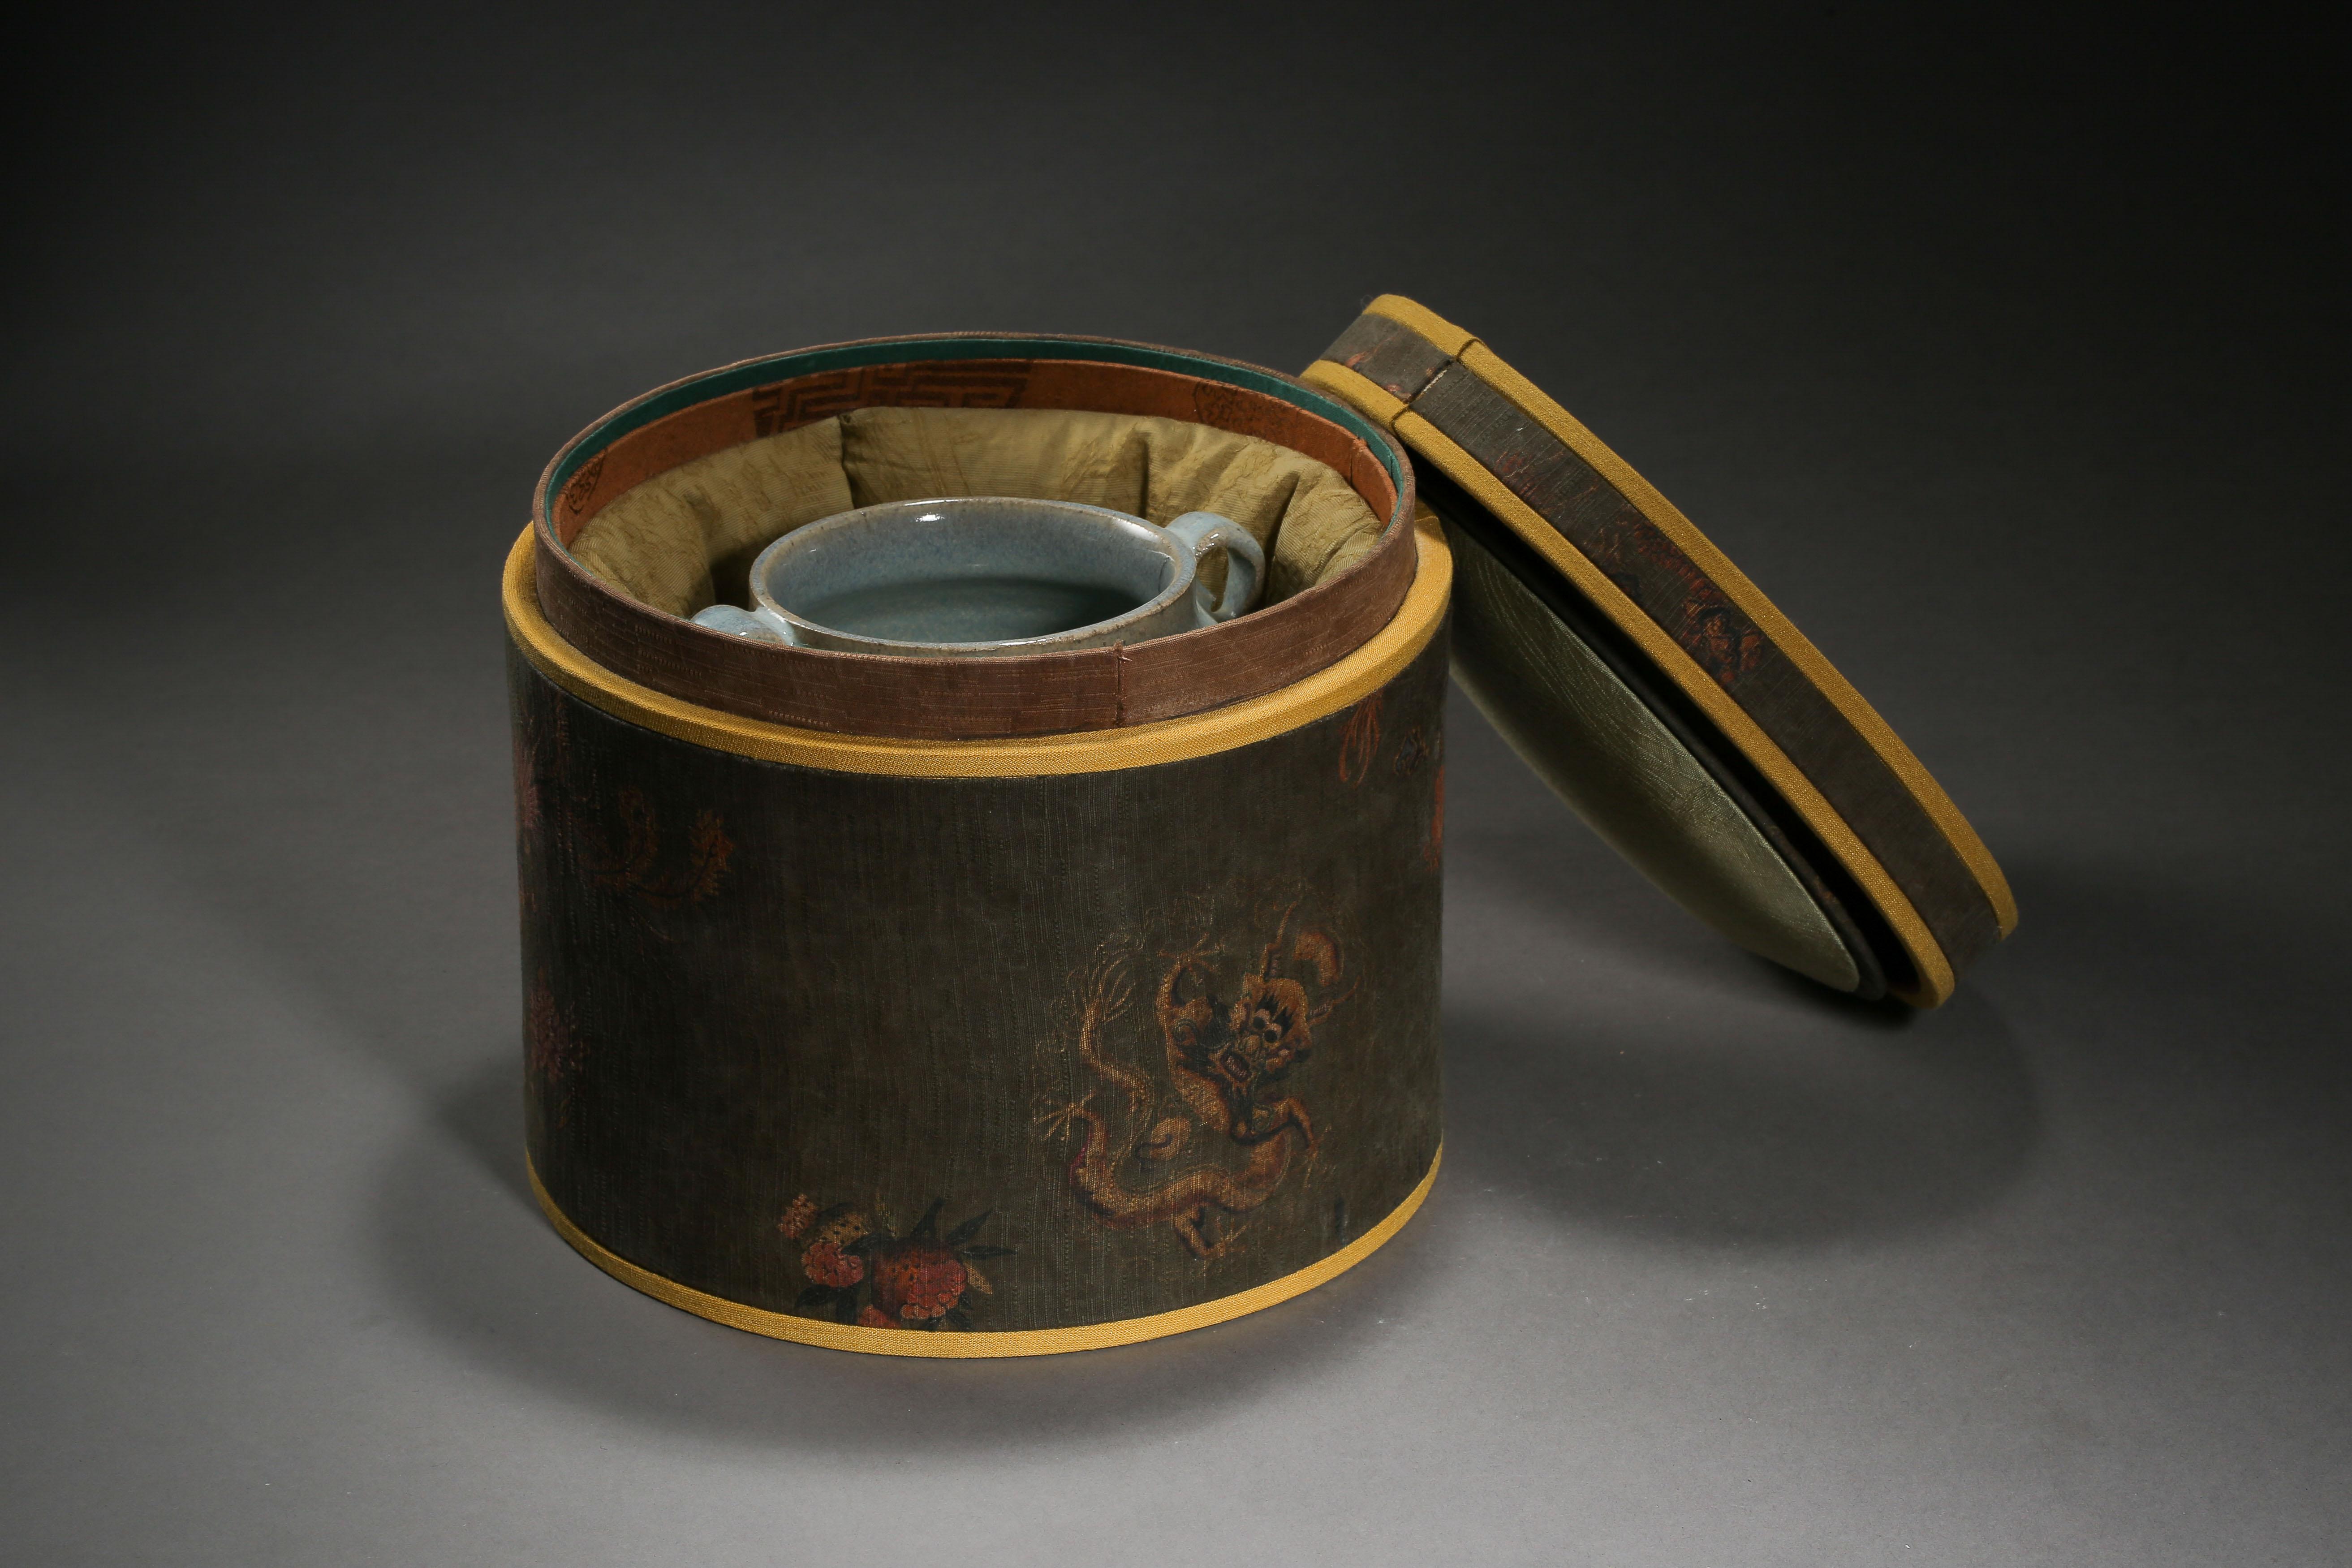 JUN KILN DOUBLE HANDLE JAR, YUAN DYNASTY, CHINA - Image 2 of 10